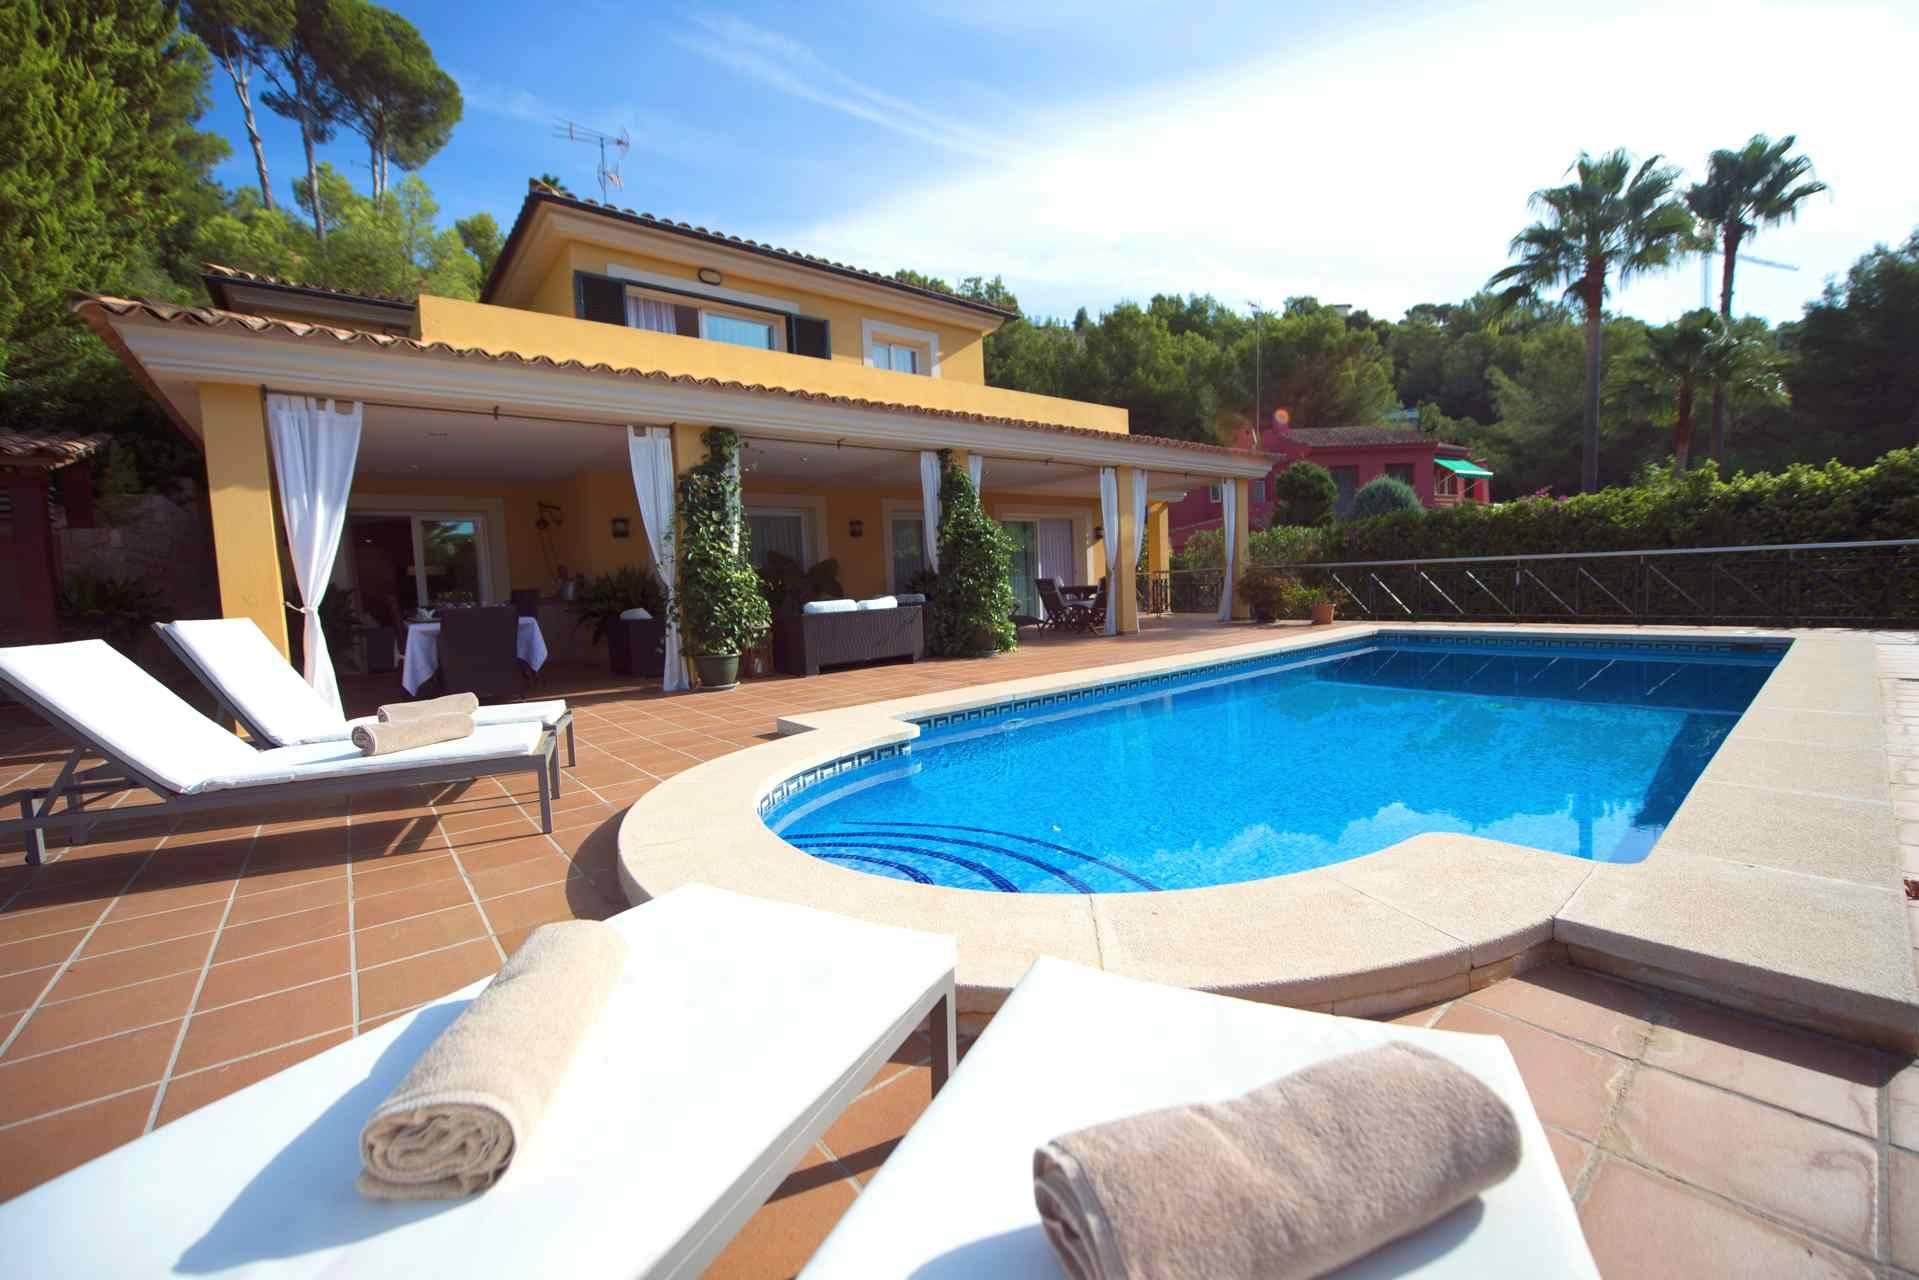 01-311 Golfplatz Villa Südwesten Mallorca Bild 2